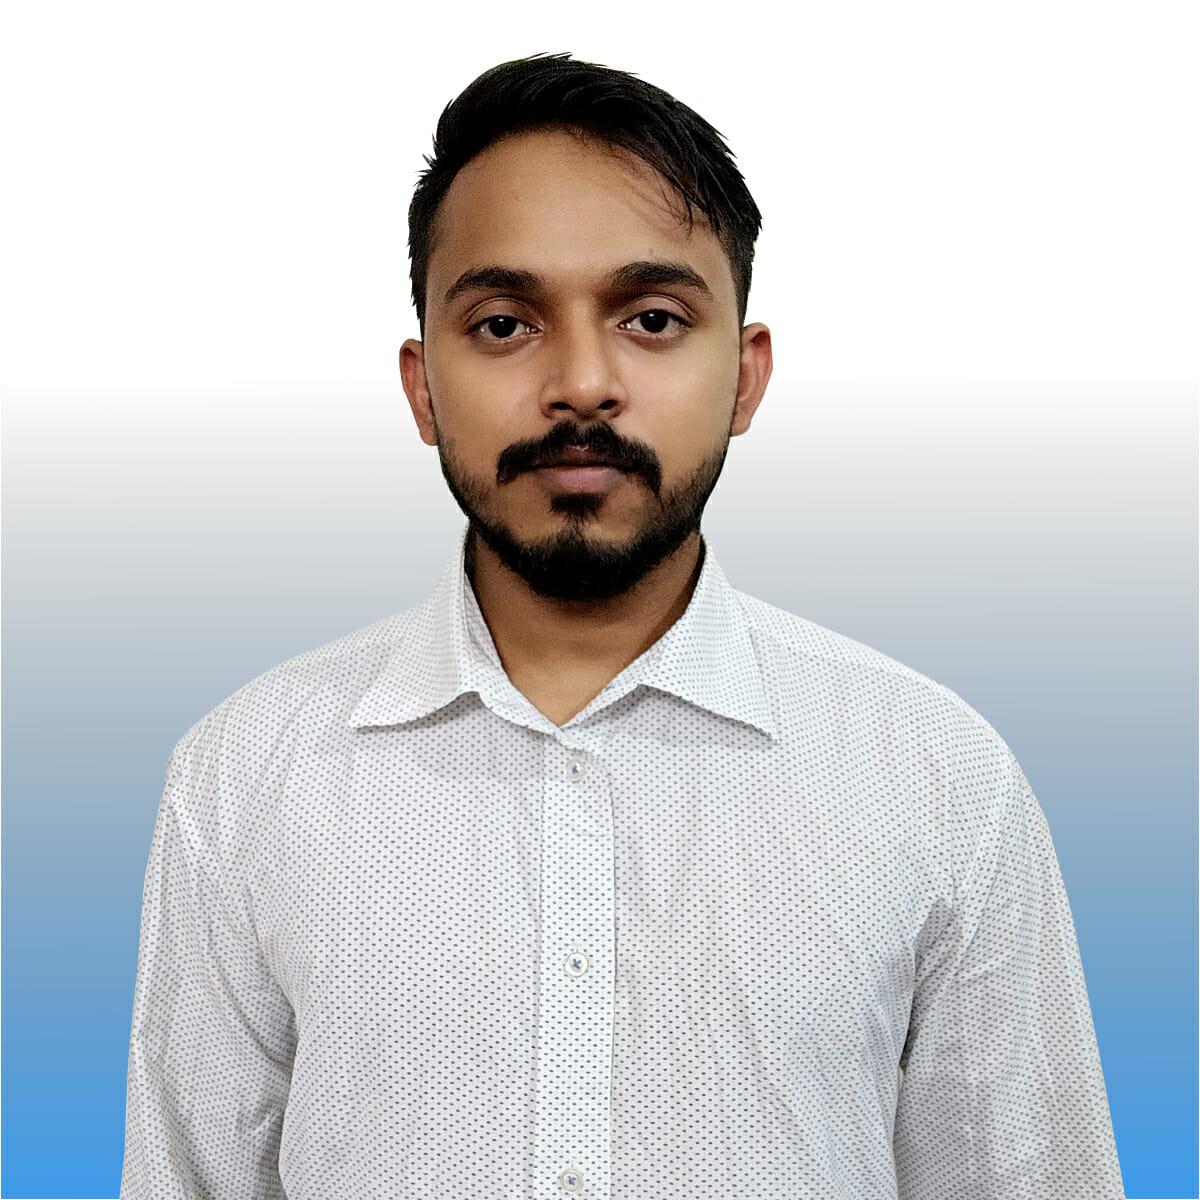 Shah Imran Rawky